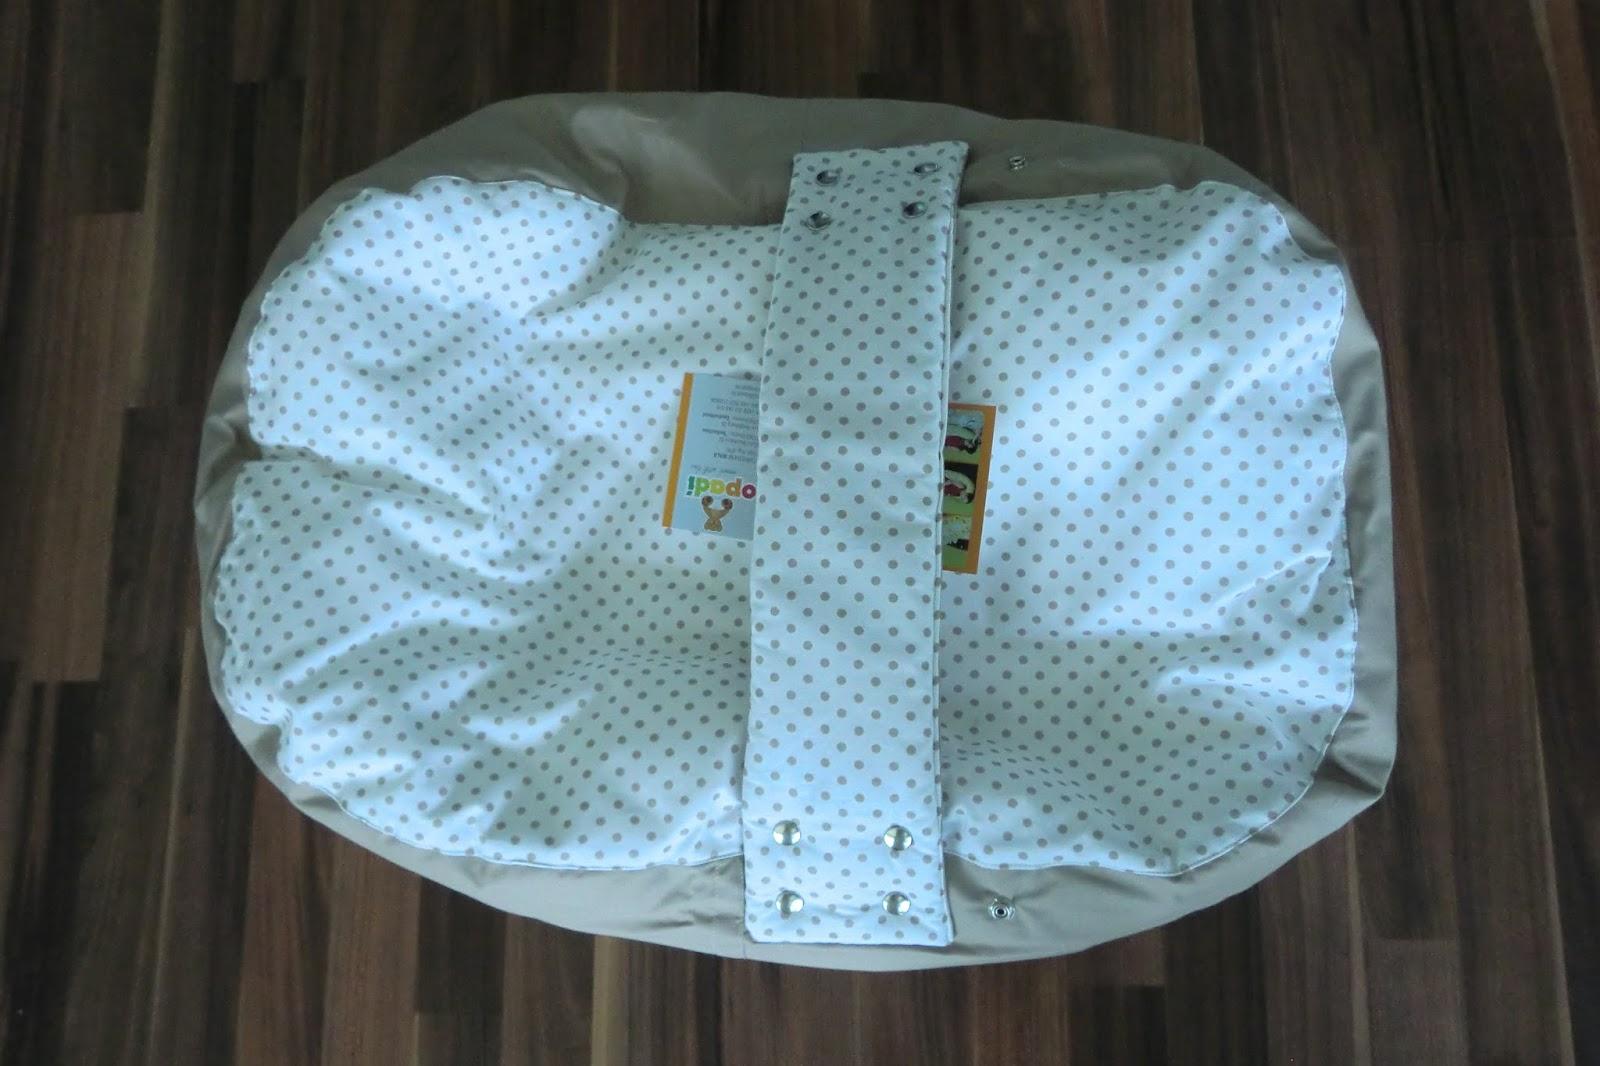 baby kopfkissen test eckschrank ikea schlafzimmer nachttisch deko mint sch ne kopfkissen. Black Bedroom Furniture Sets. Home Design Ideas